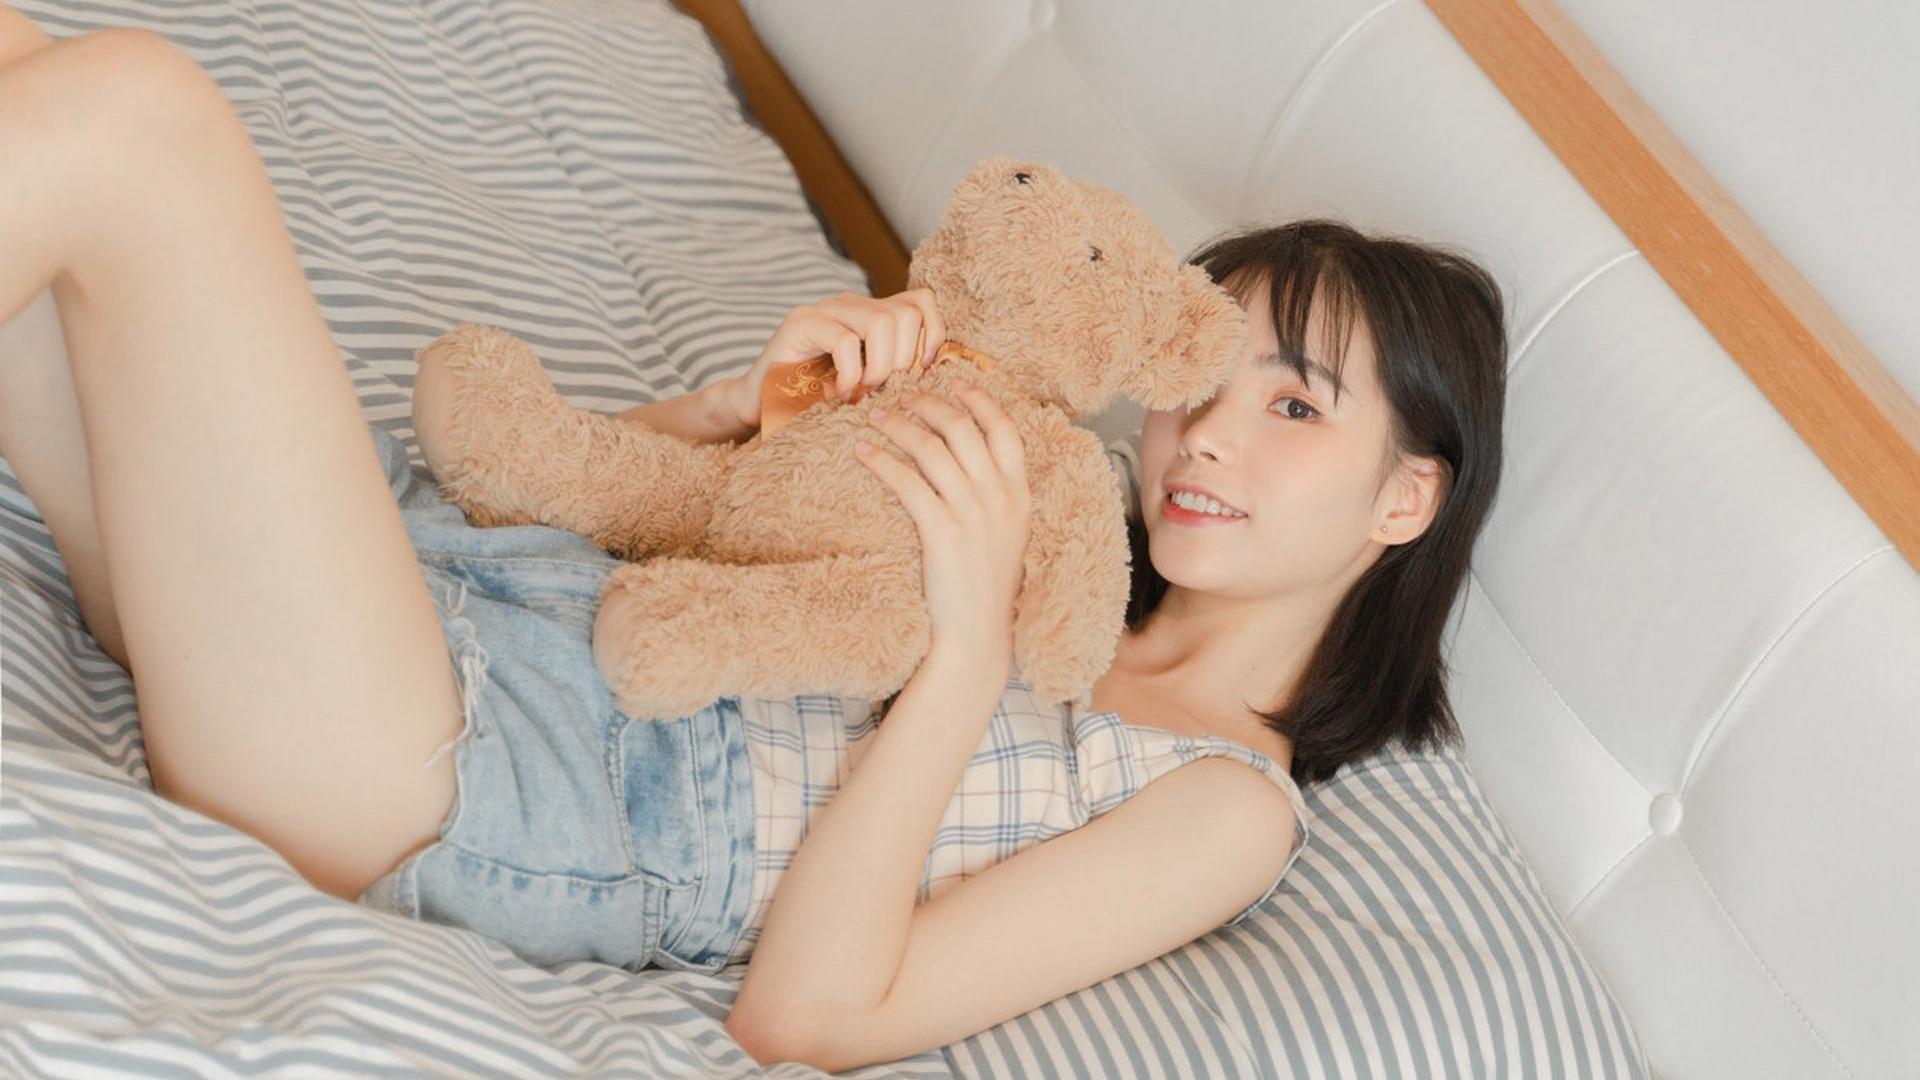 清纯 美女模特壁纸【2】